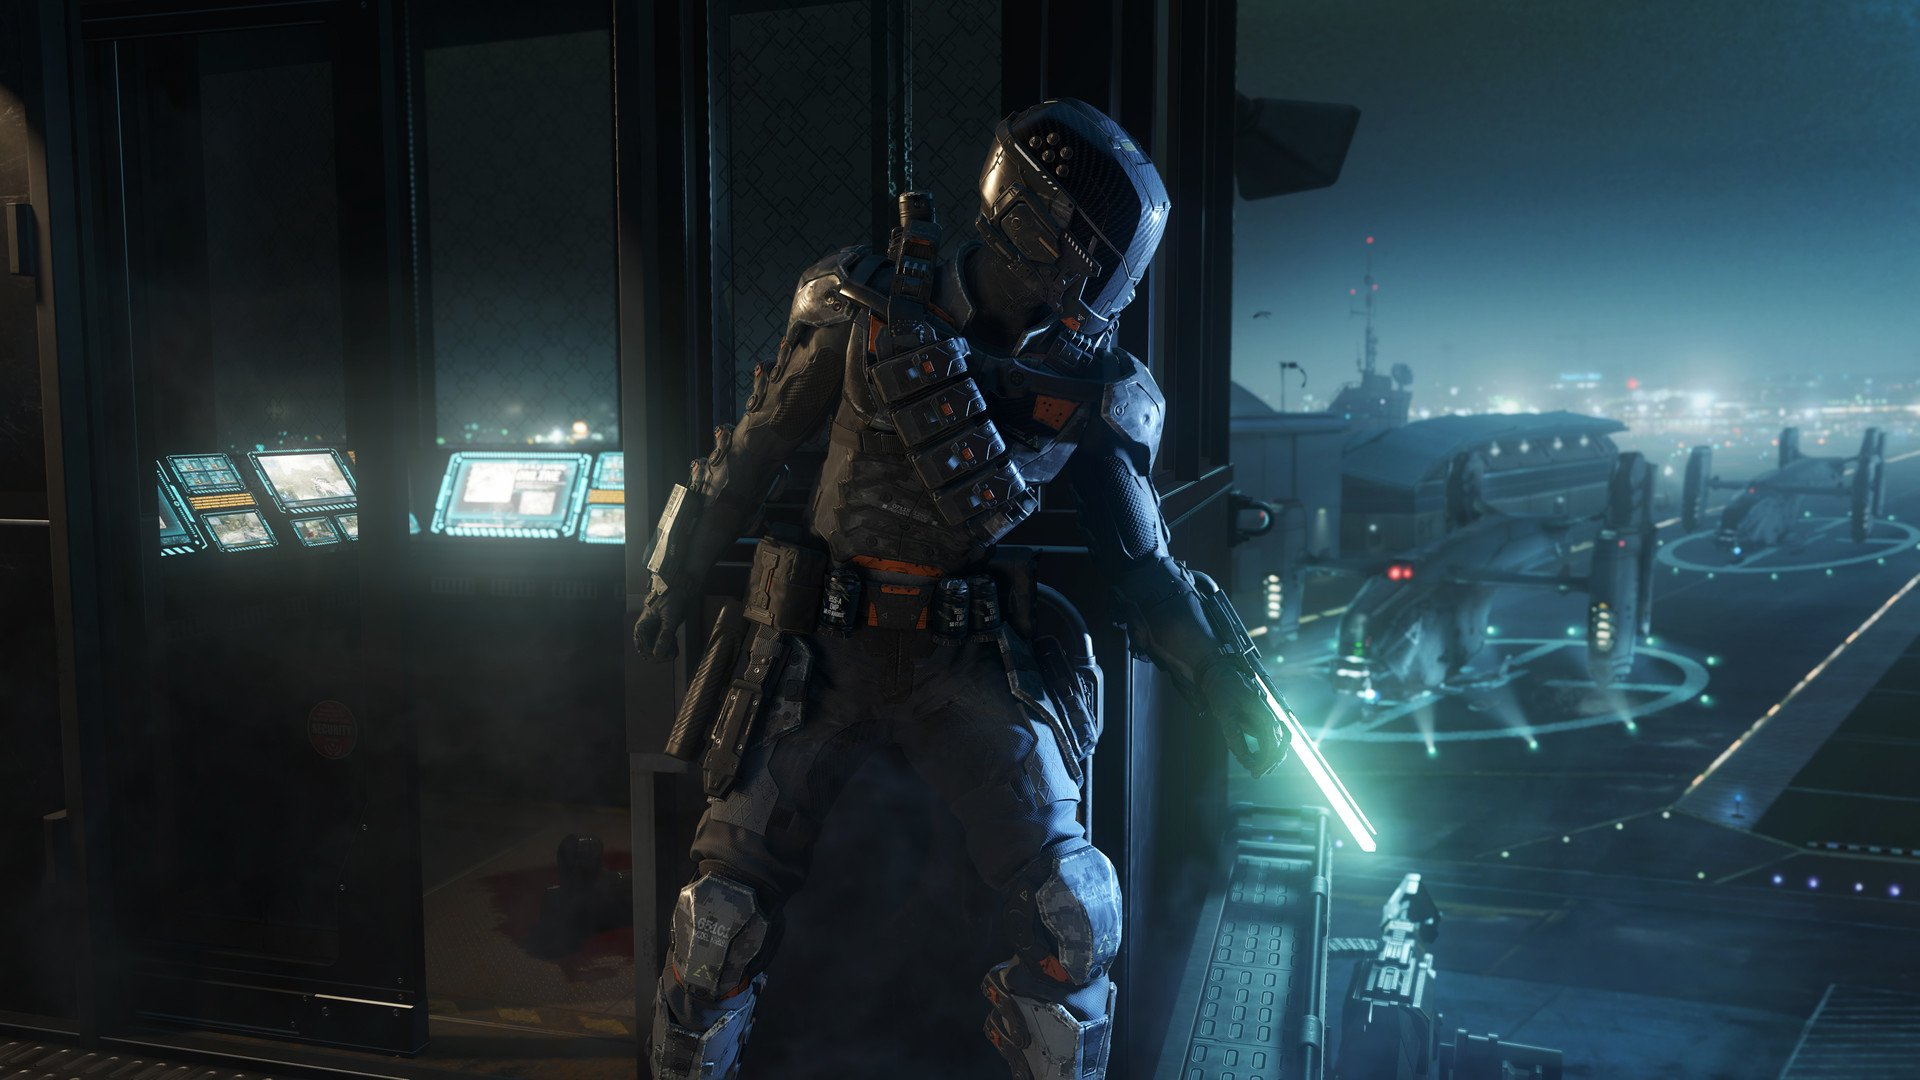 Call of Duty Black Ops III Awakening 11